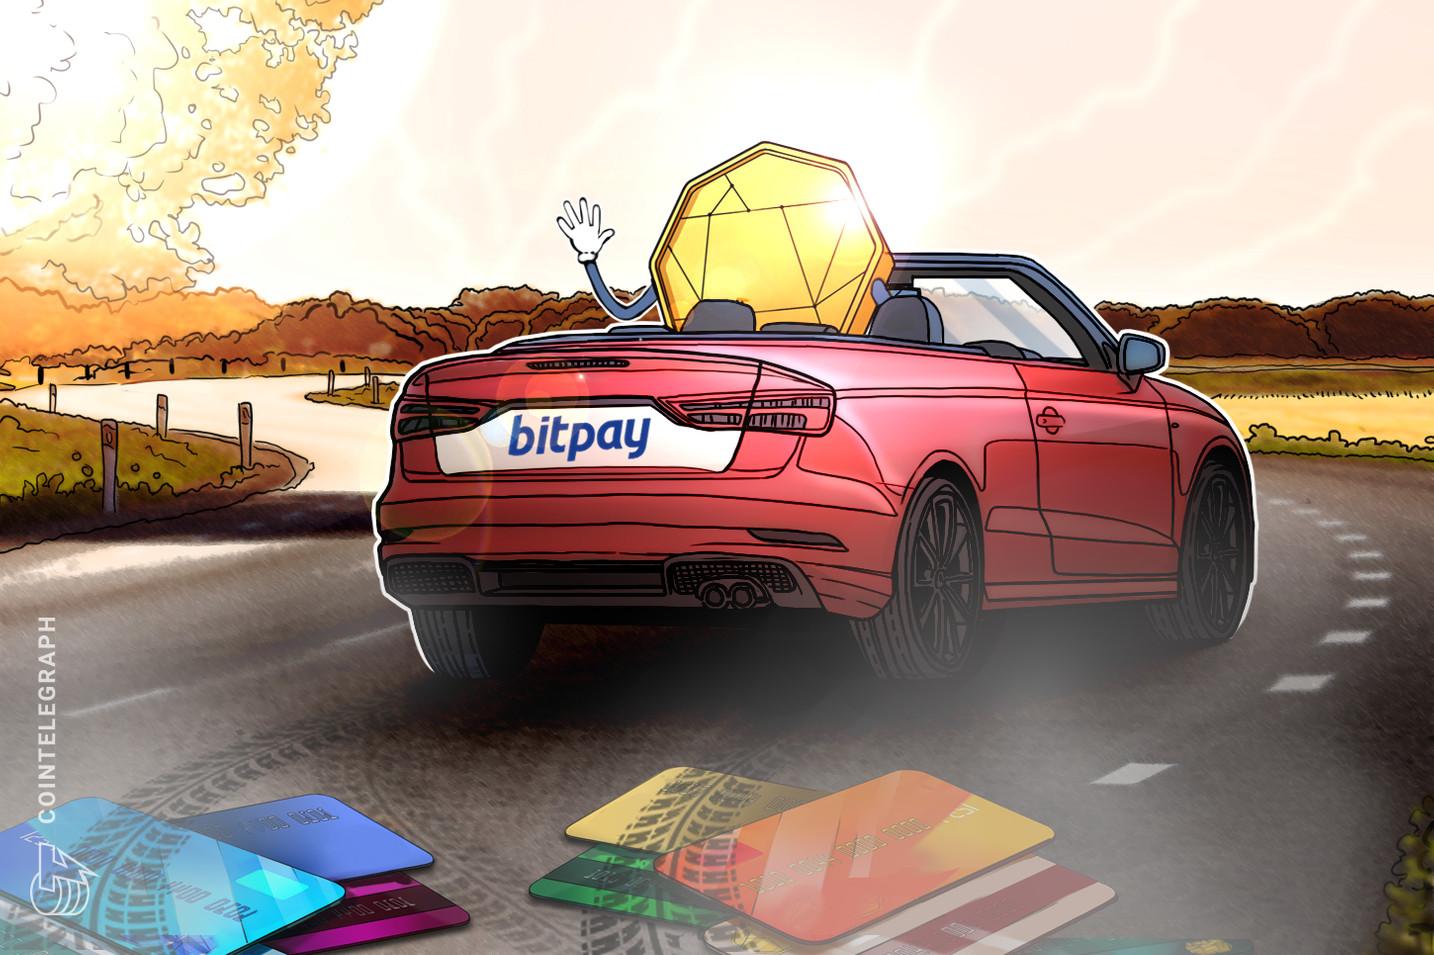 Lateinamerikanische Telekommuntionsfirma akzeptiert Krypto-Zahlungen über BitPay